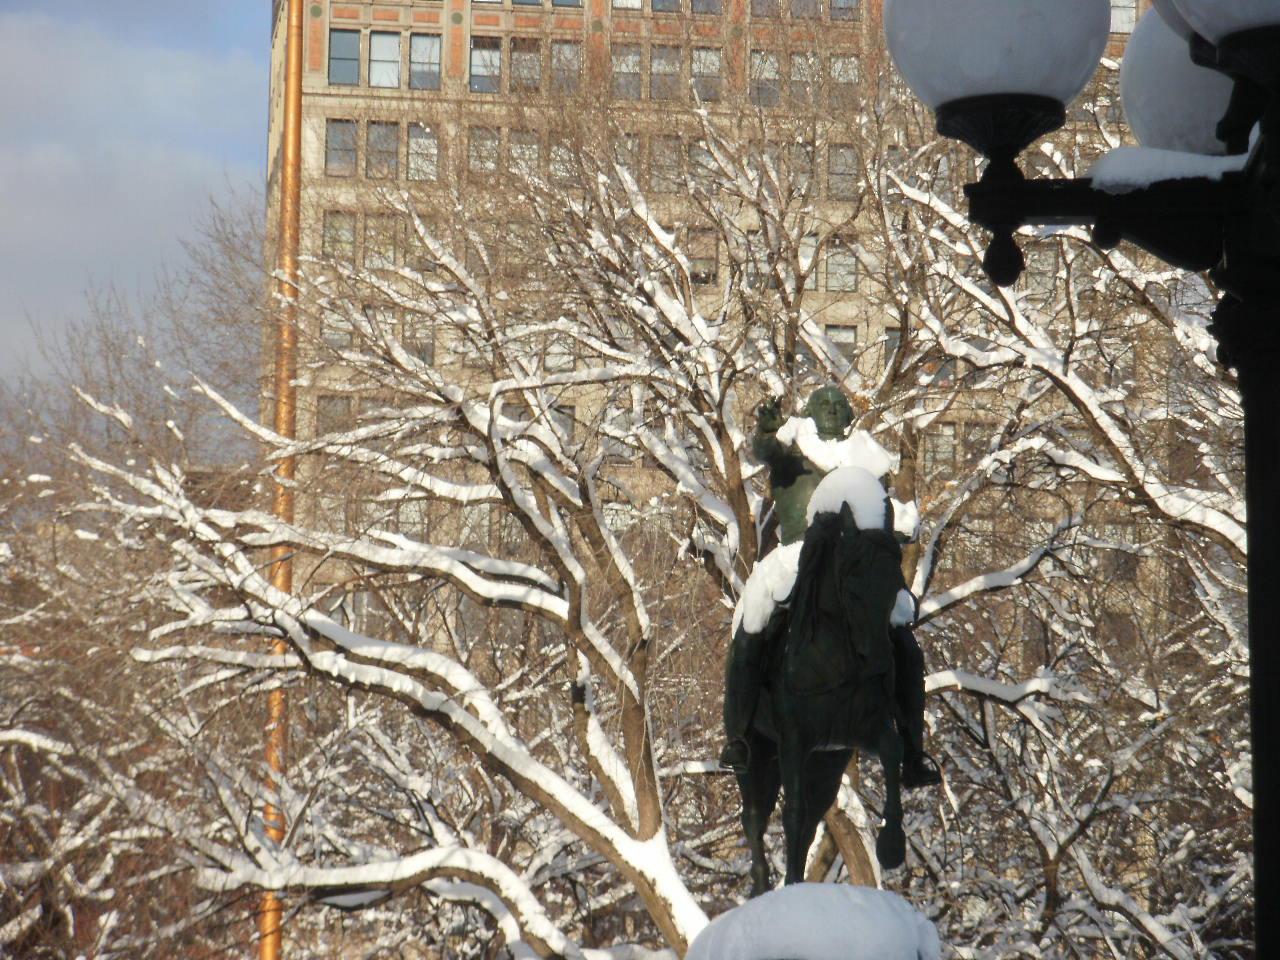 大雪の風景と陶芸作品_f0095325_14414736.jpg